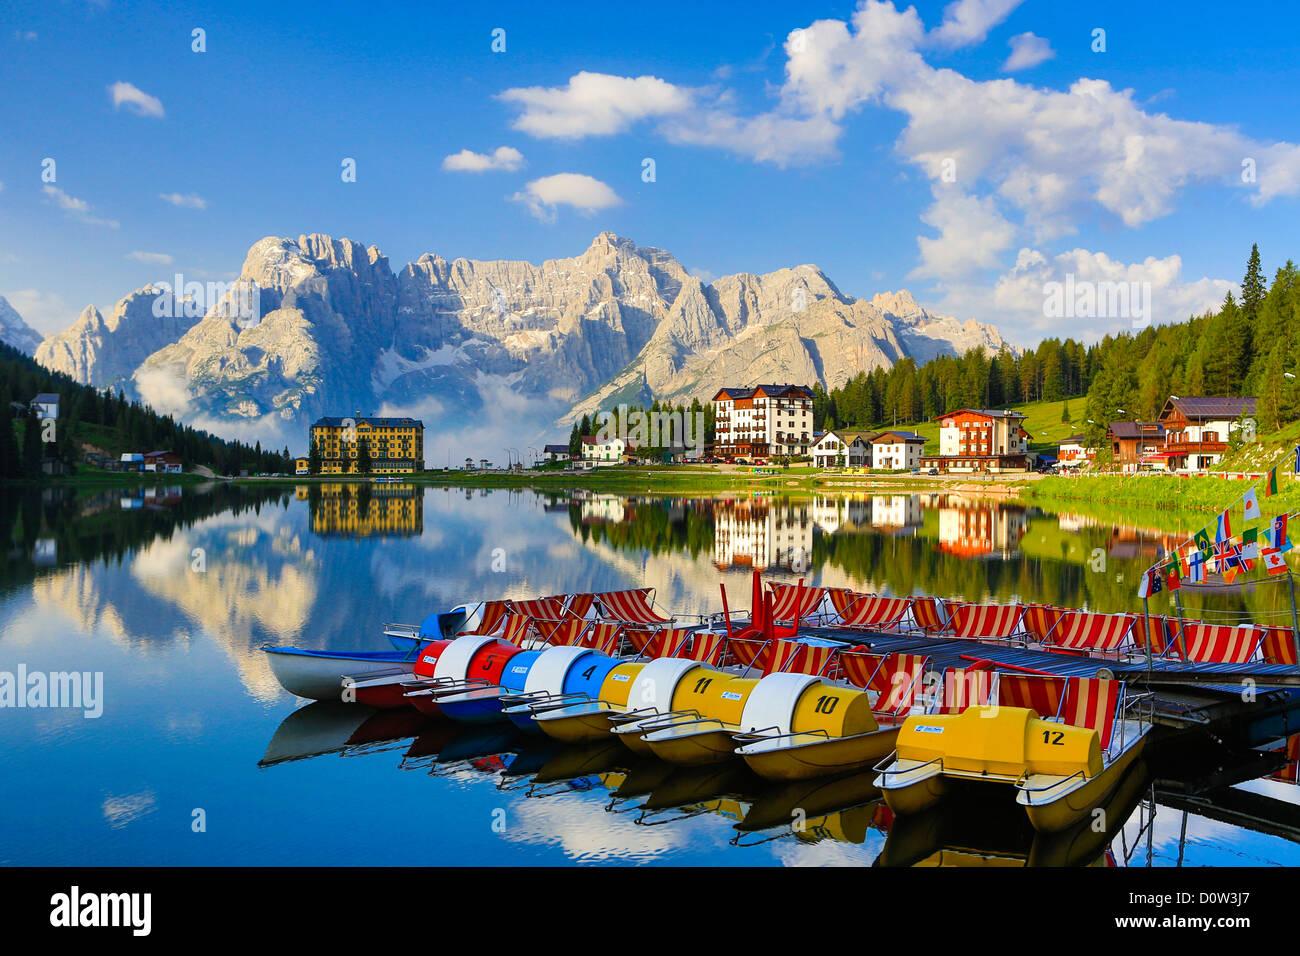 L'Italie, l'Europe, voyage, dolomite, Alpes, Missurina, Lac, pédalo, bateaux, nuages, montagnes, colorés, de réflexion, Tyrol du sud, Ti Banque D'Images